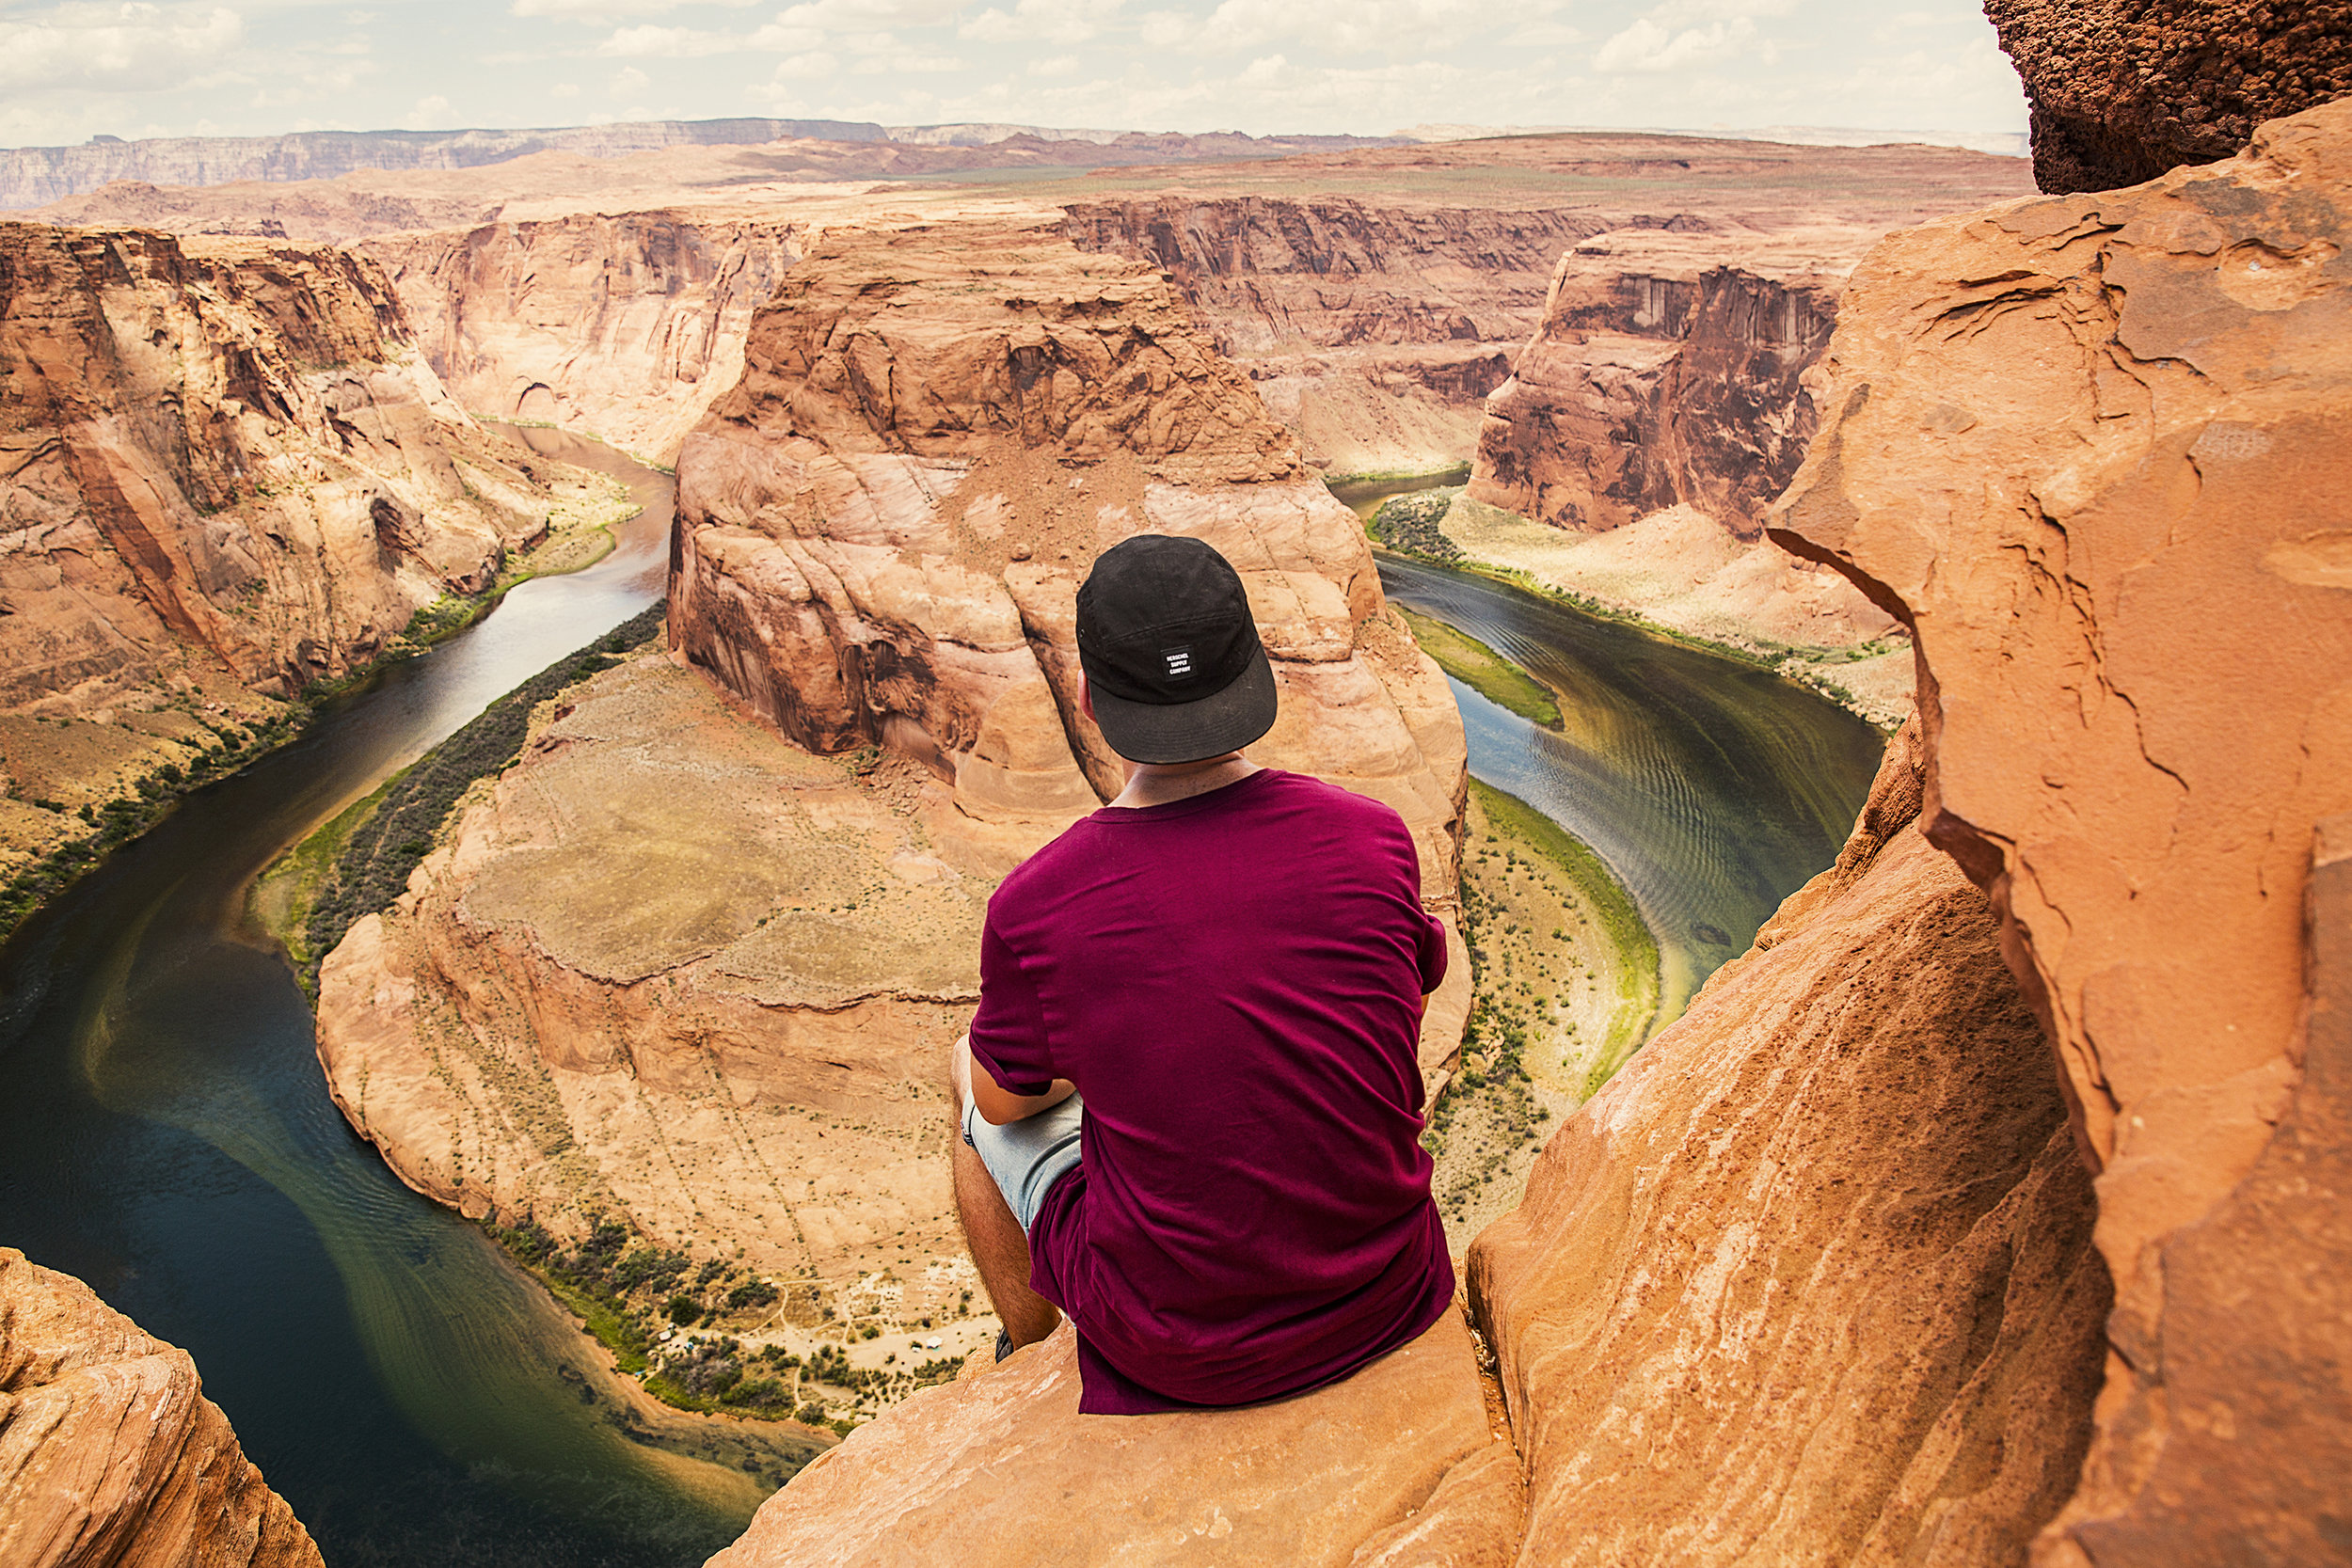 Tu expectativas… - Determinan el costo final de tu viaje